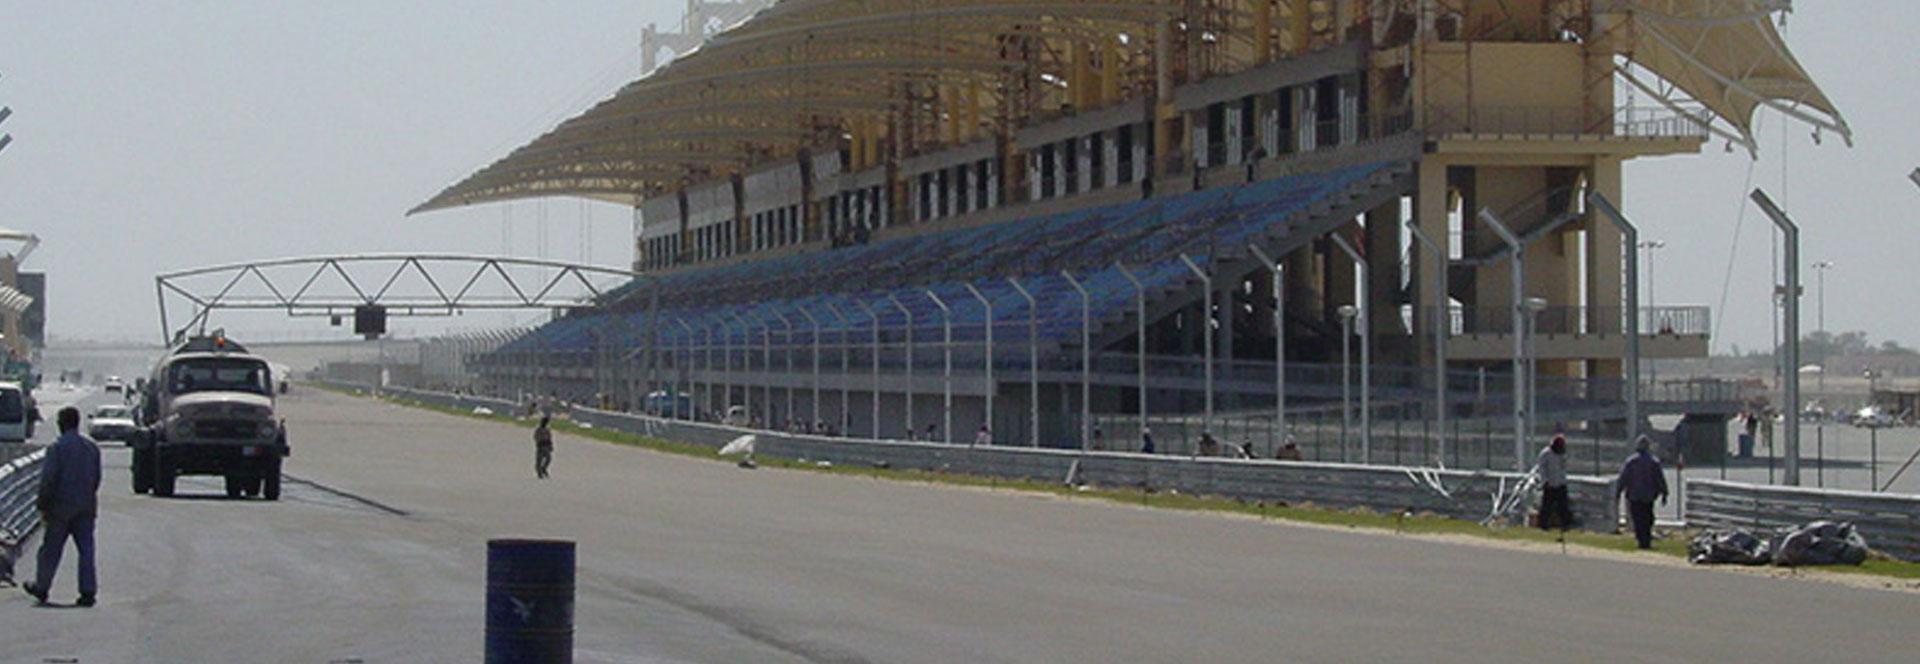 MEA Water Management - Referenzen Formel 1 Strecke Bahrain